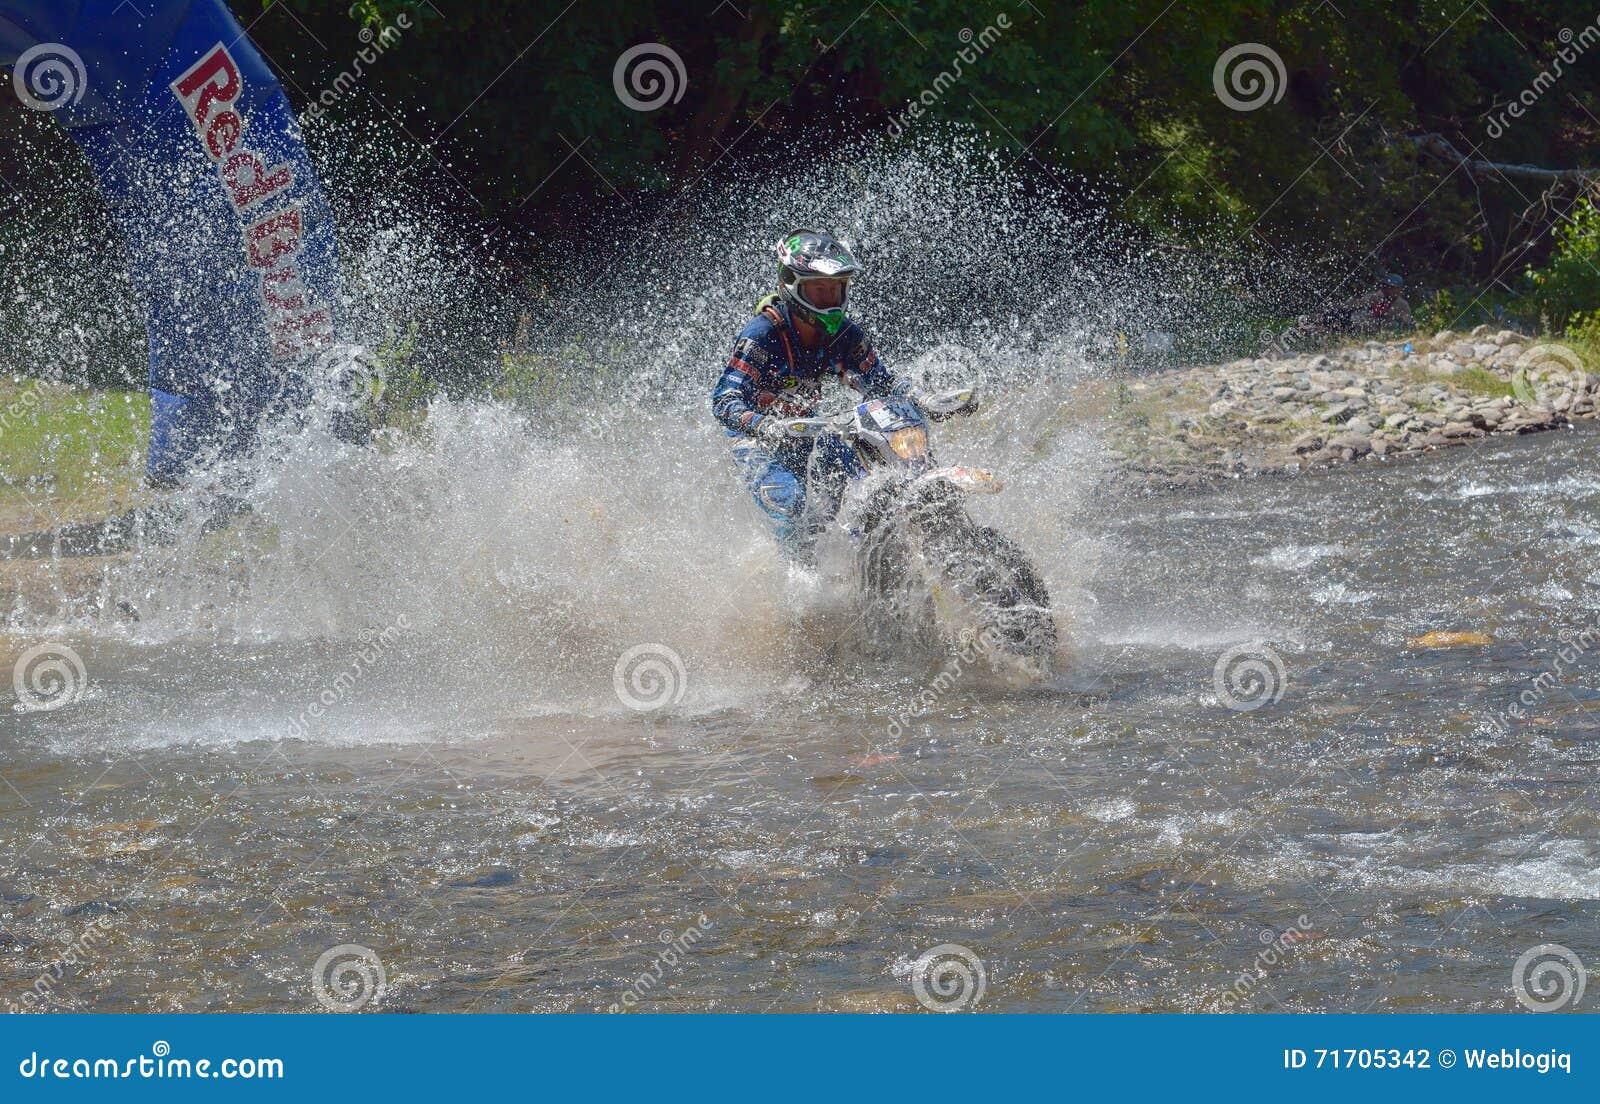 SIBIU, ROUMANIE - 18 JUILLET : Un copetitor dans le rassemblement dur de Red Bull ROMANIACS Enduro avec une moto de KTM Le rassem